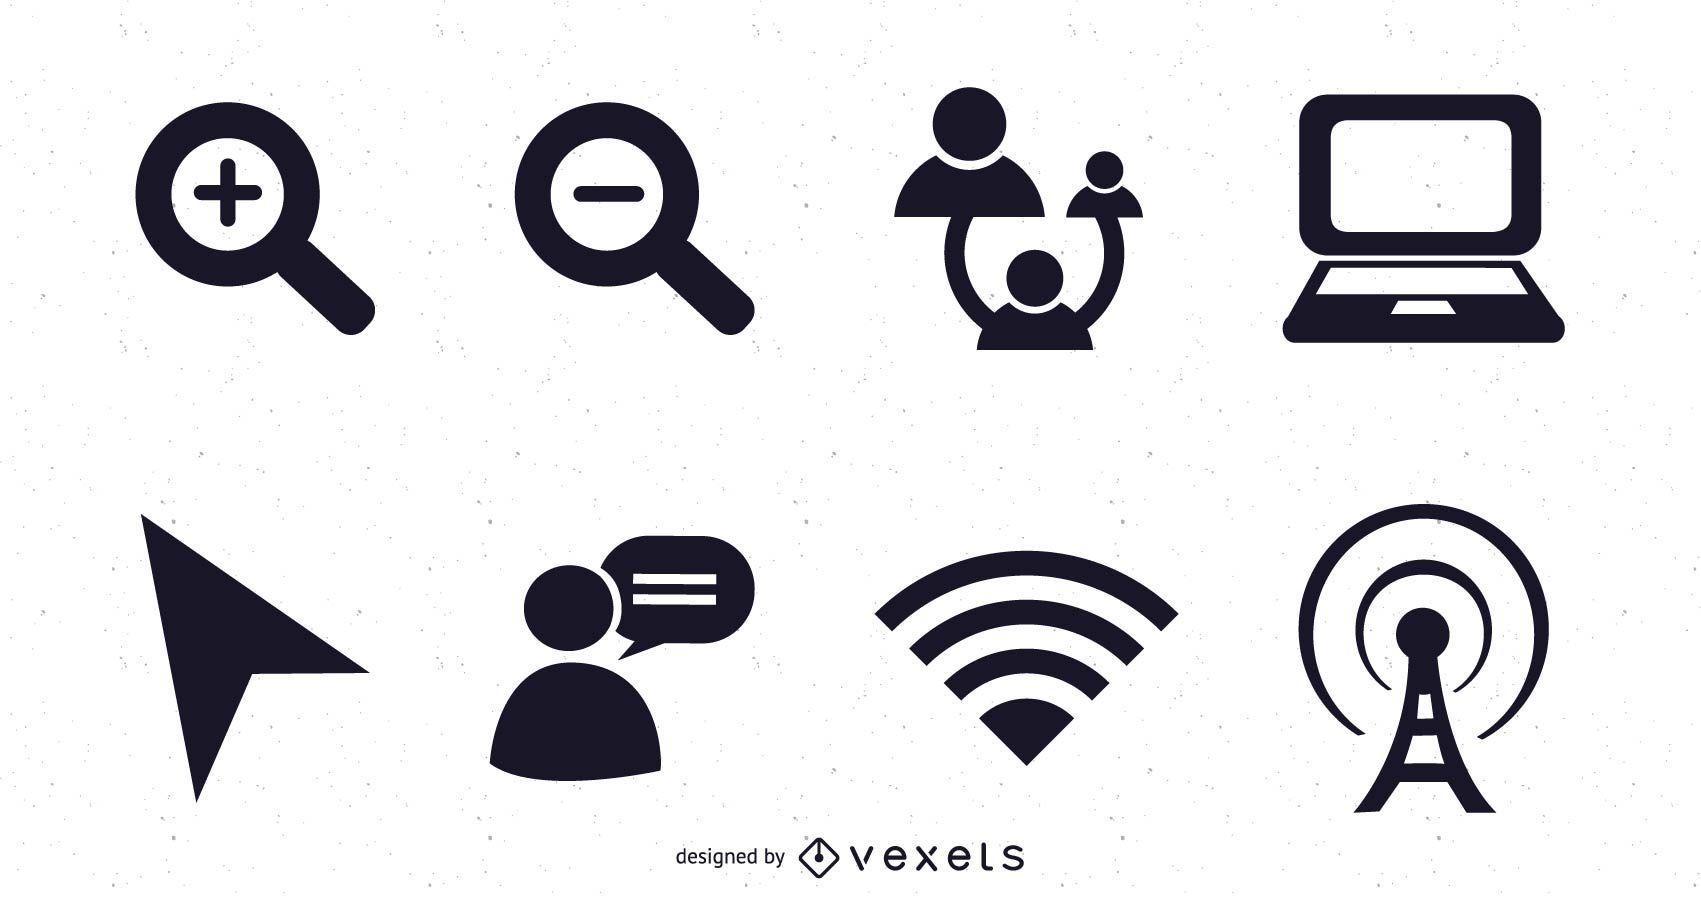 Iconos vectoriales web 2.0